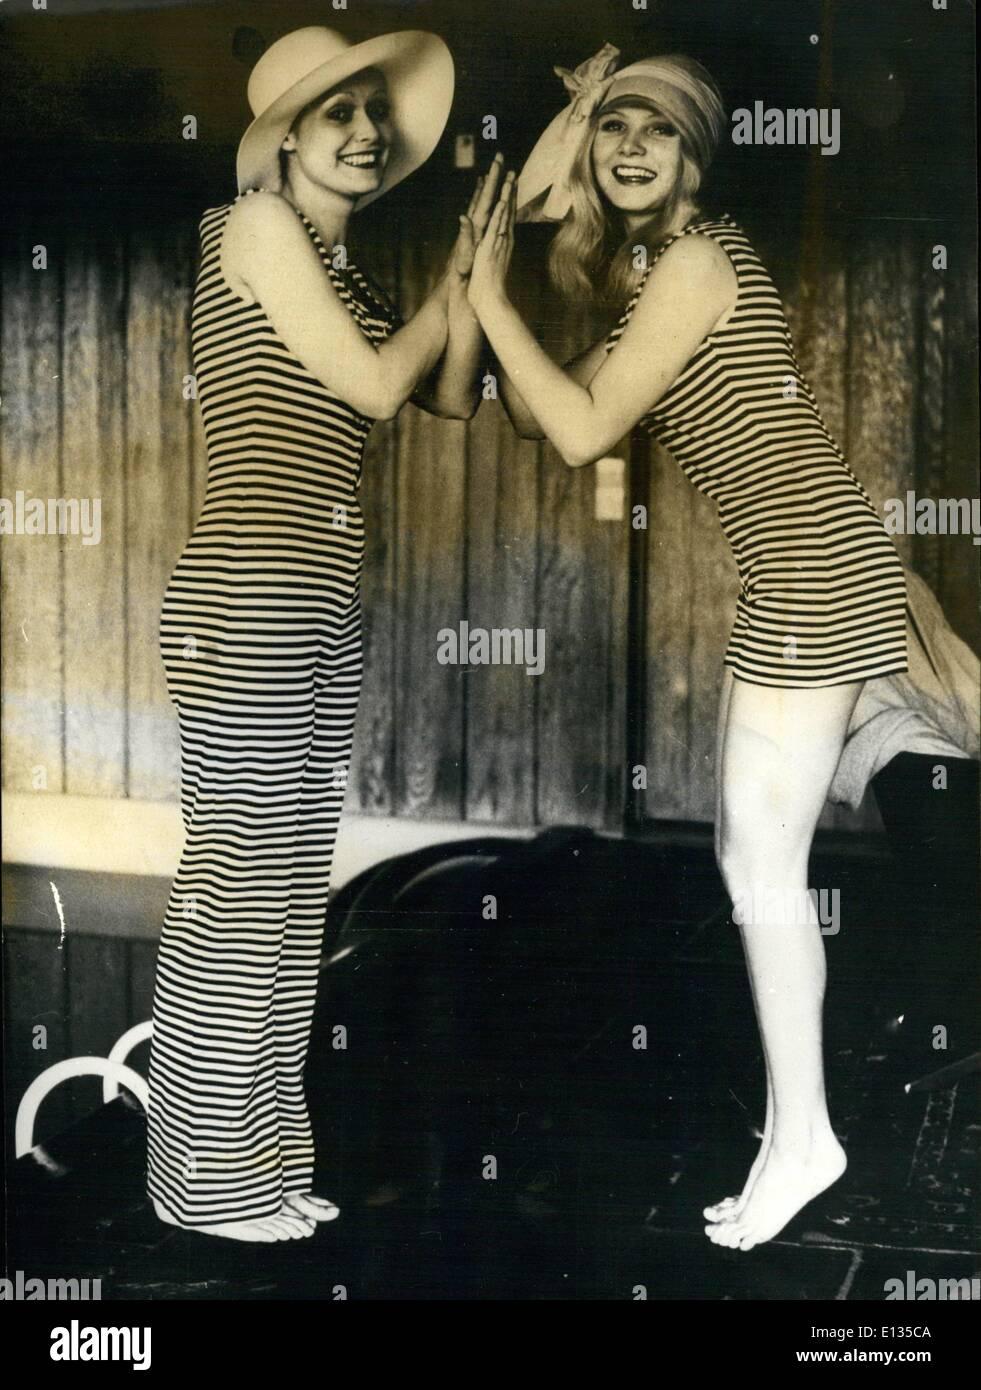 Febrero 26, 2012 - Stripey trajes de baño. Una vez más las modas de 1910 vienen a la delantera. Esta vez se trata de trajes de baño. Se muestra en Dinamarca, Imagen De Stock